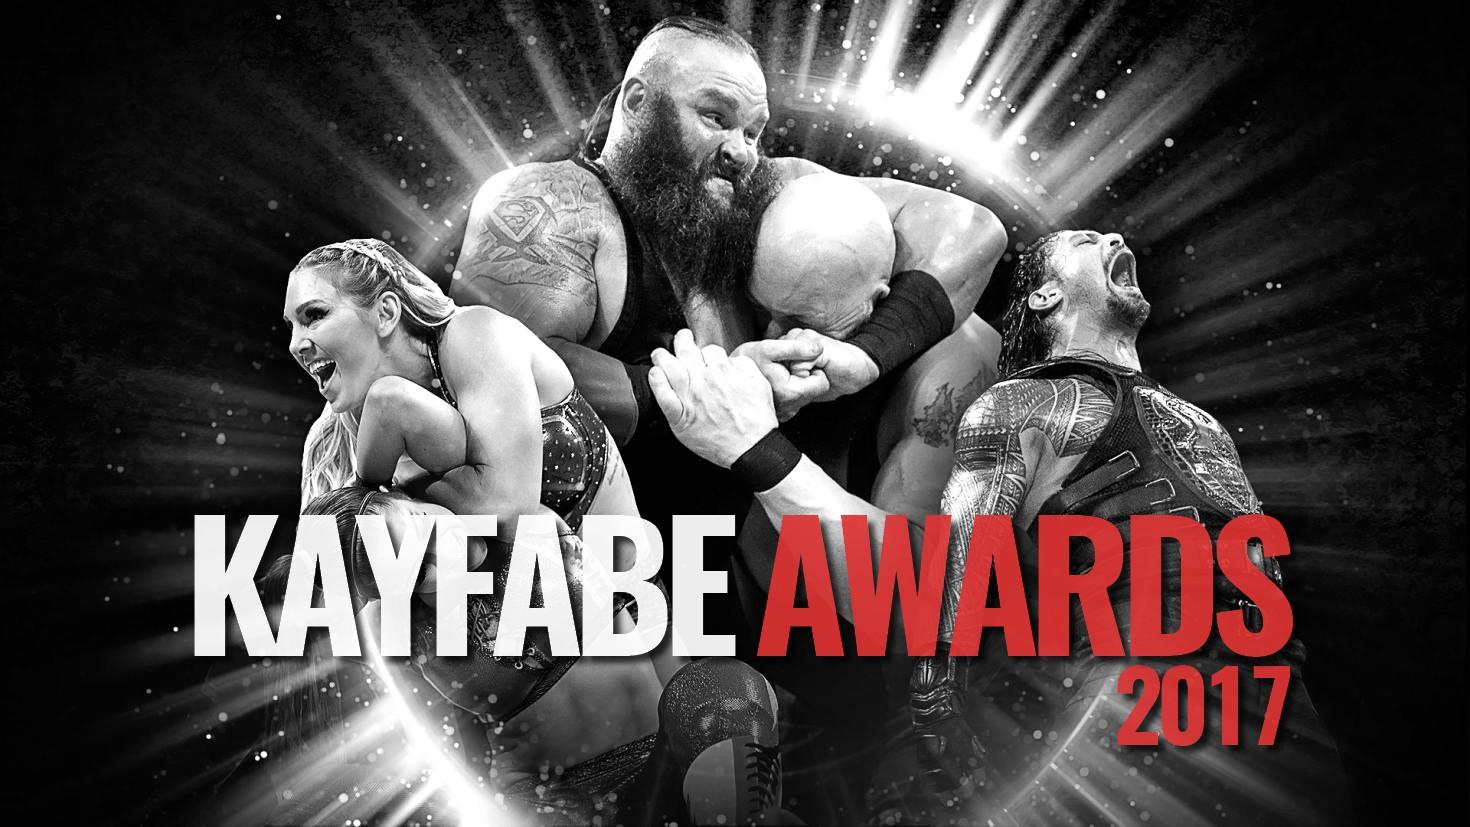 kayfabe awards 2017